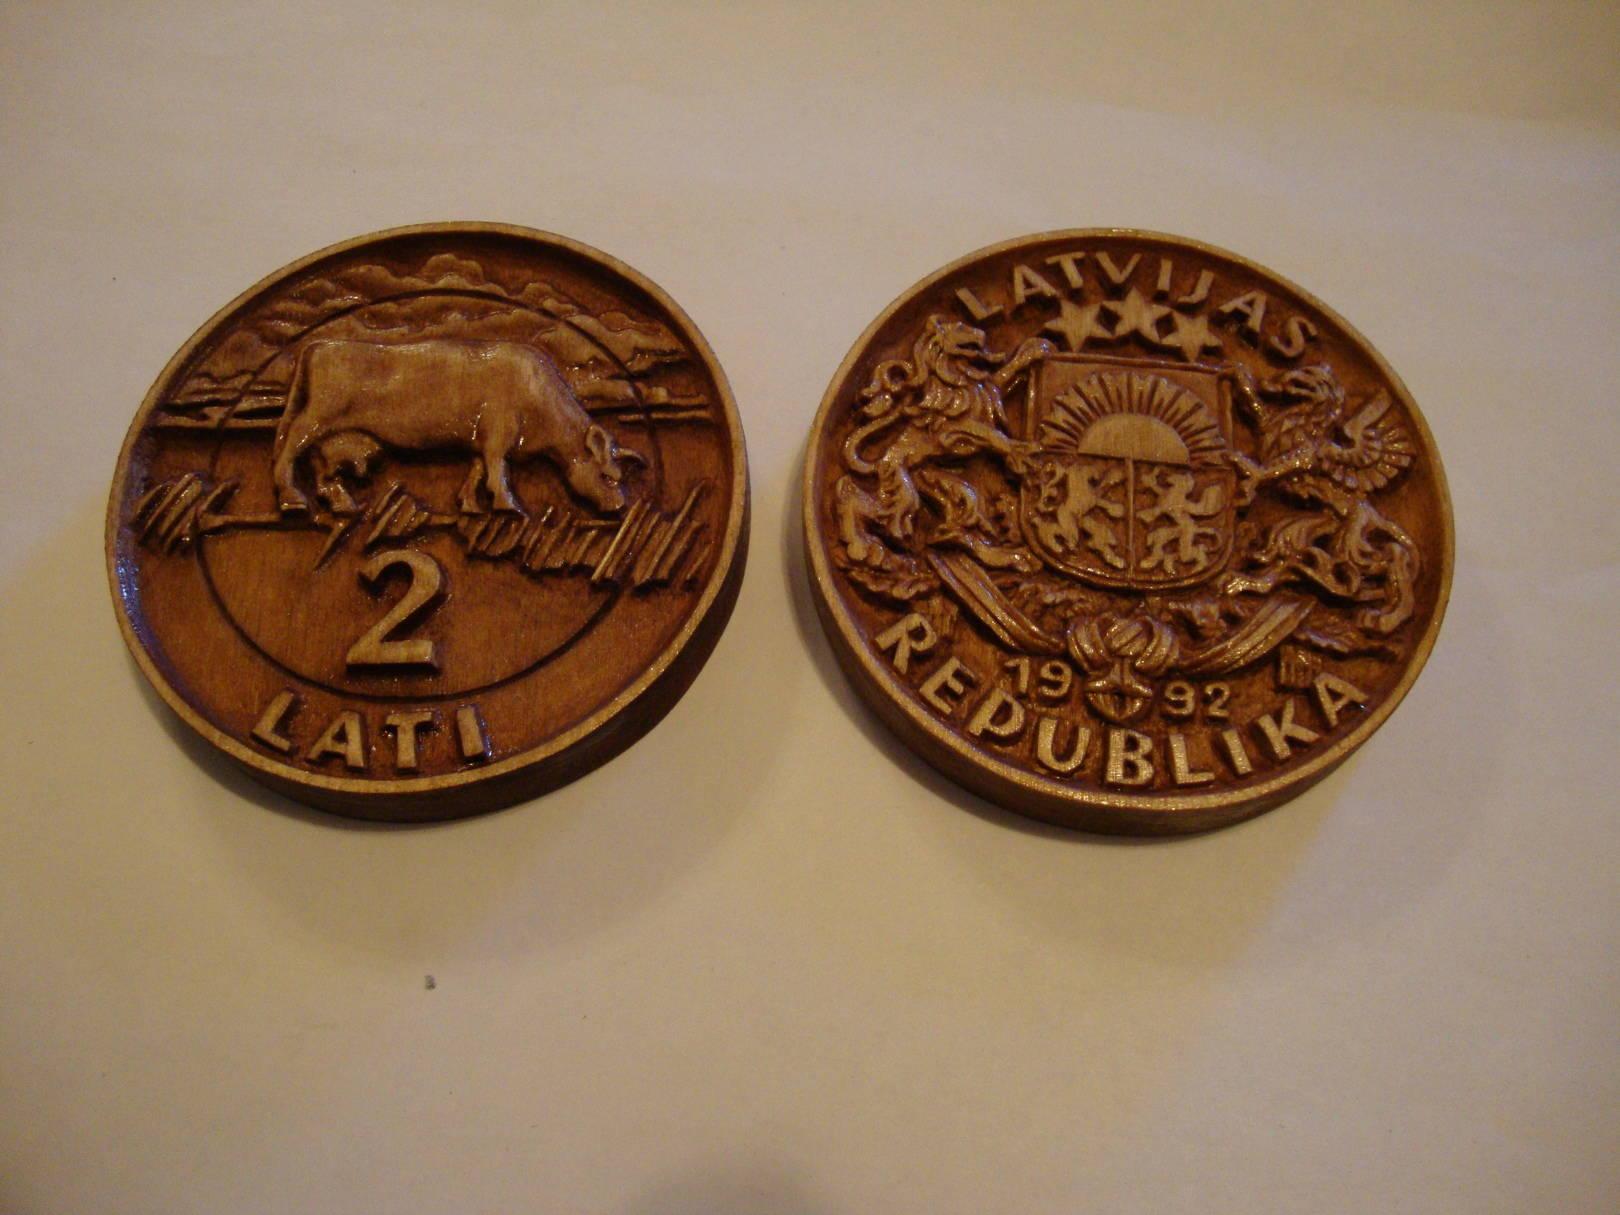 Резные прессформы для последующей отливки шоколадных сувенирных монет.